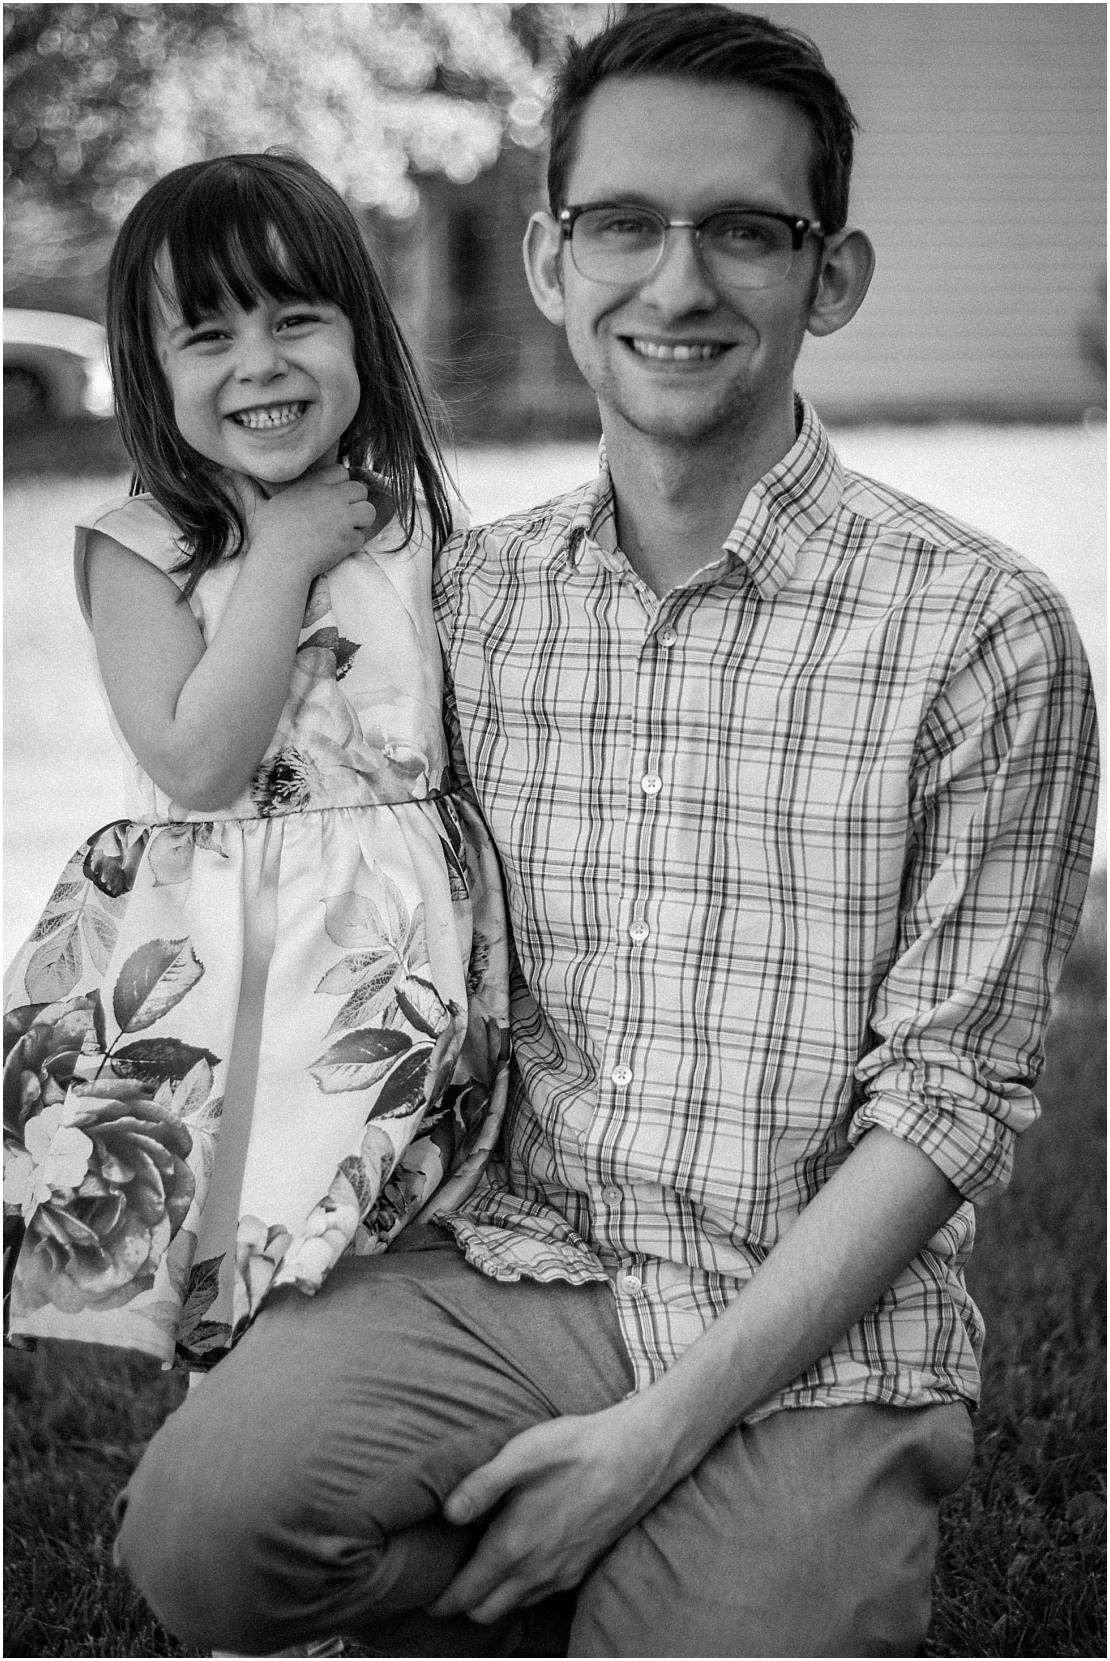 Misfit & Co. Creative Studios_Dayton Portrait Photographer_Nate+Paige_ Family Portraits_0013.jpg